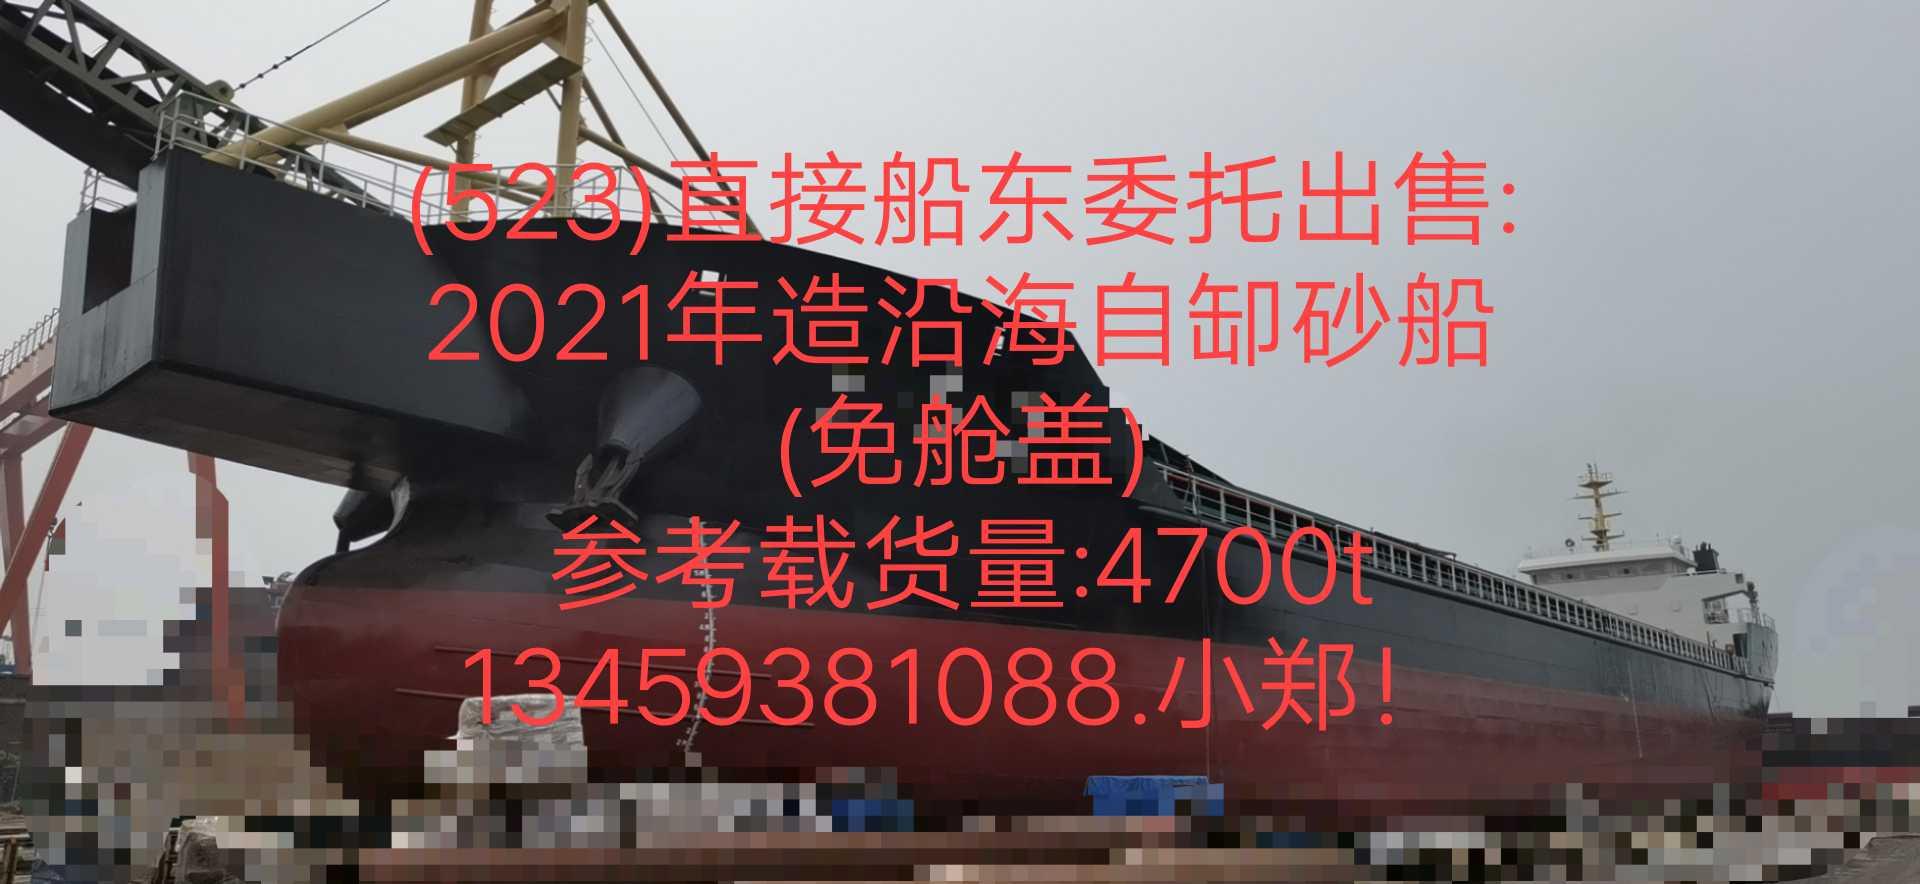 出售:2021年造沿海6500吨自缷砂船